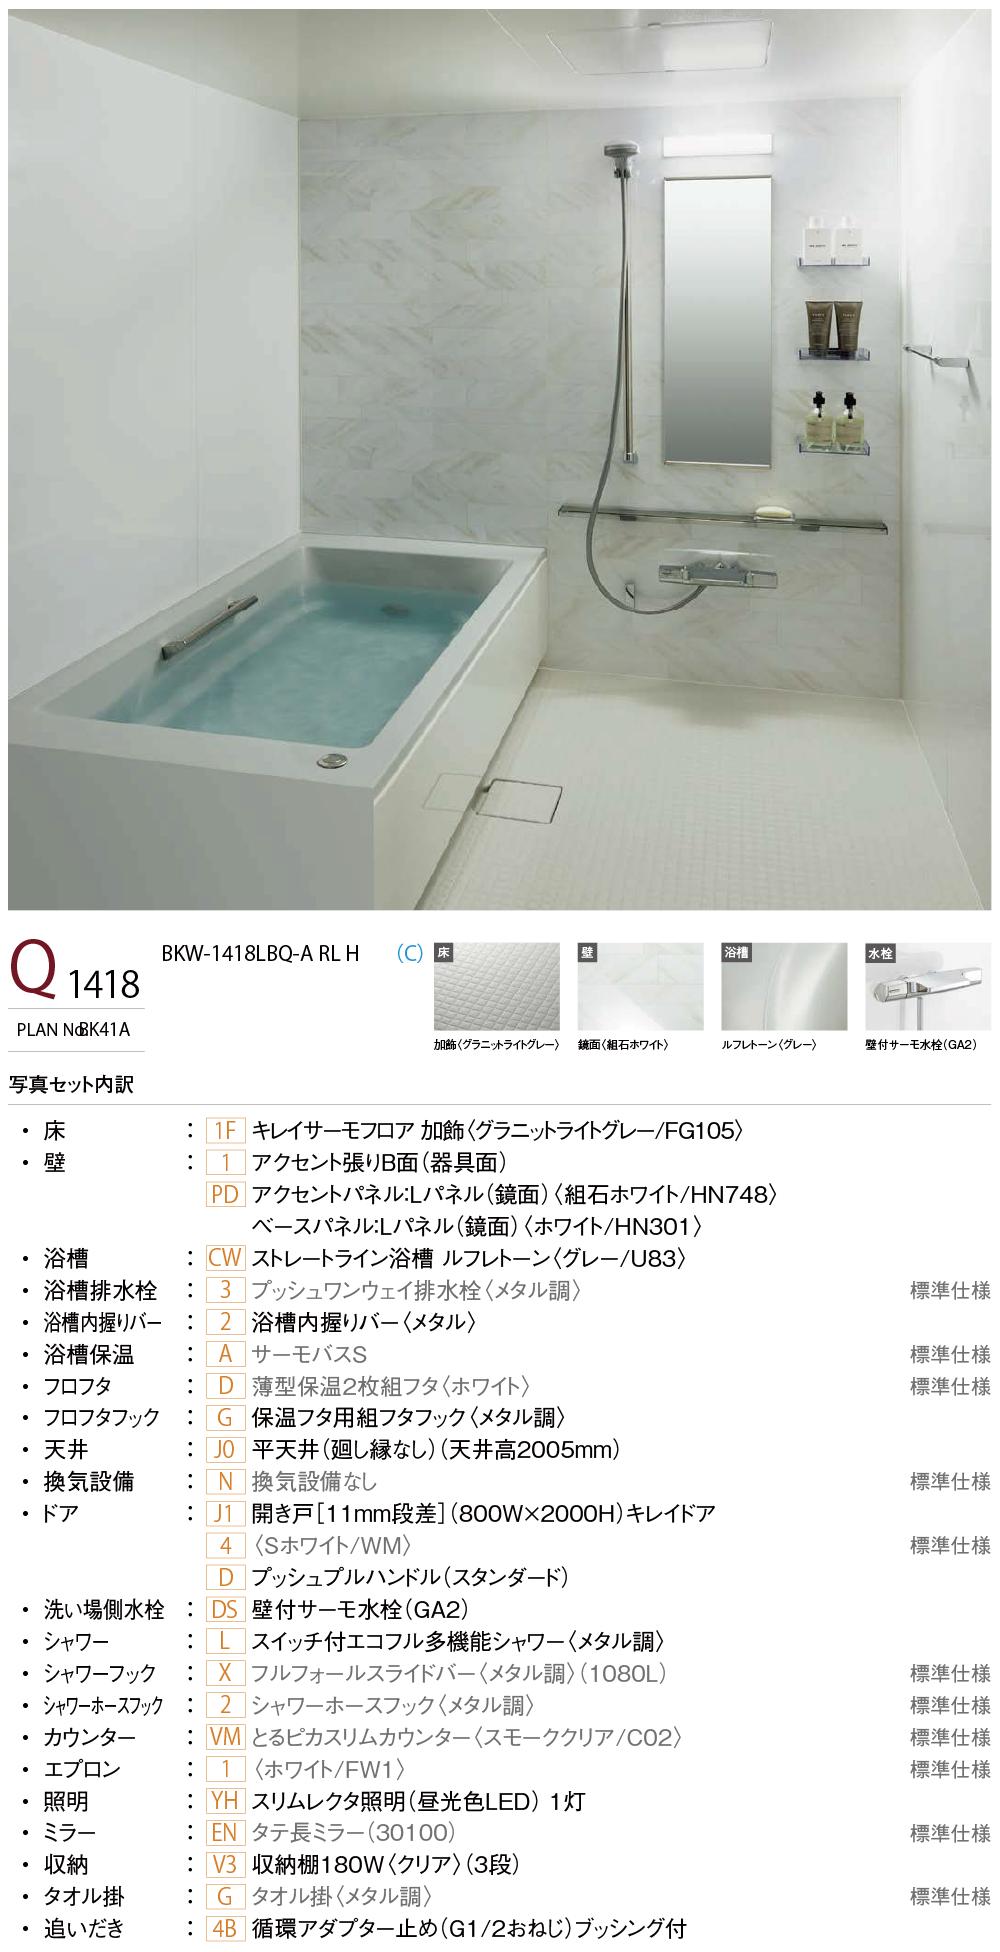 リノビオV Qシリーズの施工イメージ2